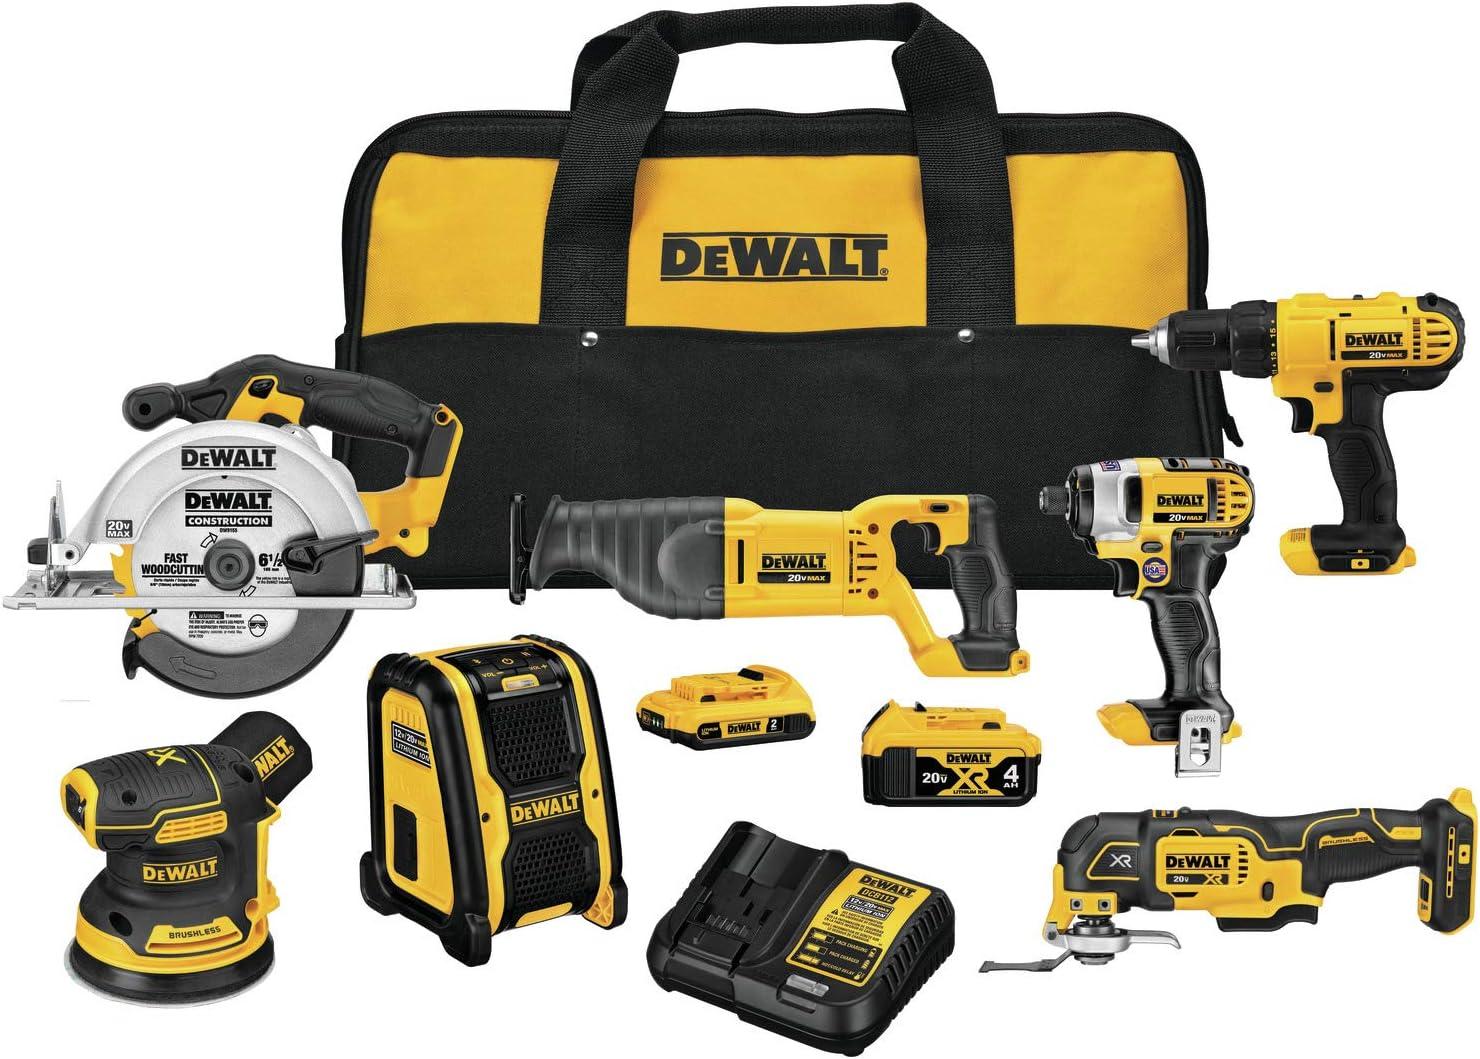 DEWALT 20V MAX Cordless Drill Combo 70% OFF Outlet 7-Tool Kit DCK771D1M1 Translated